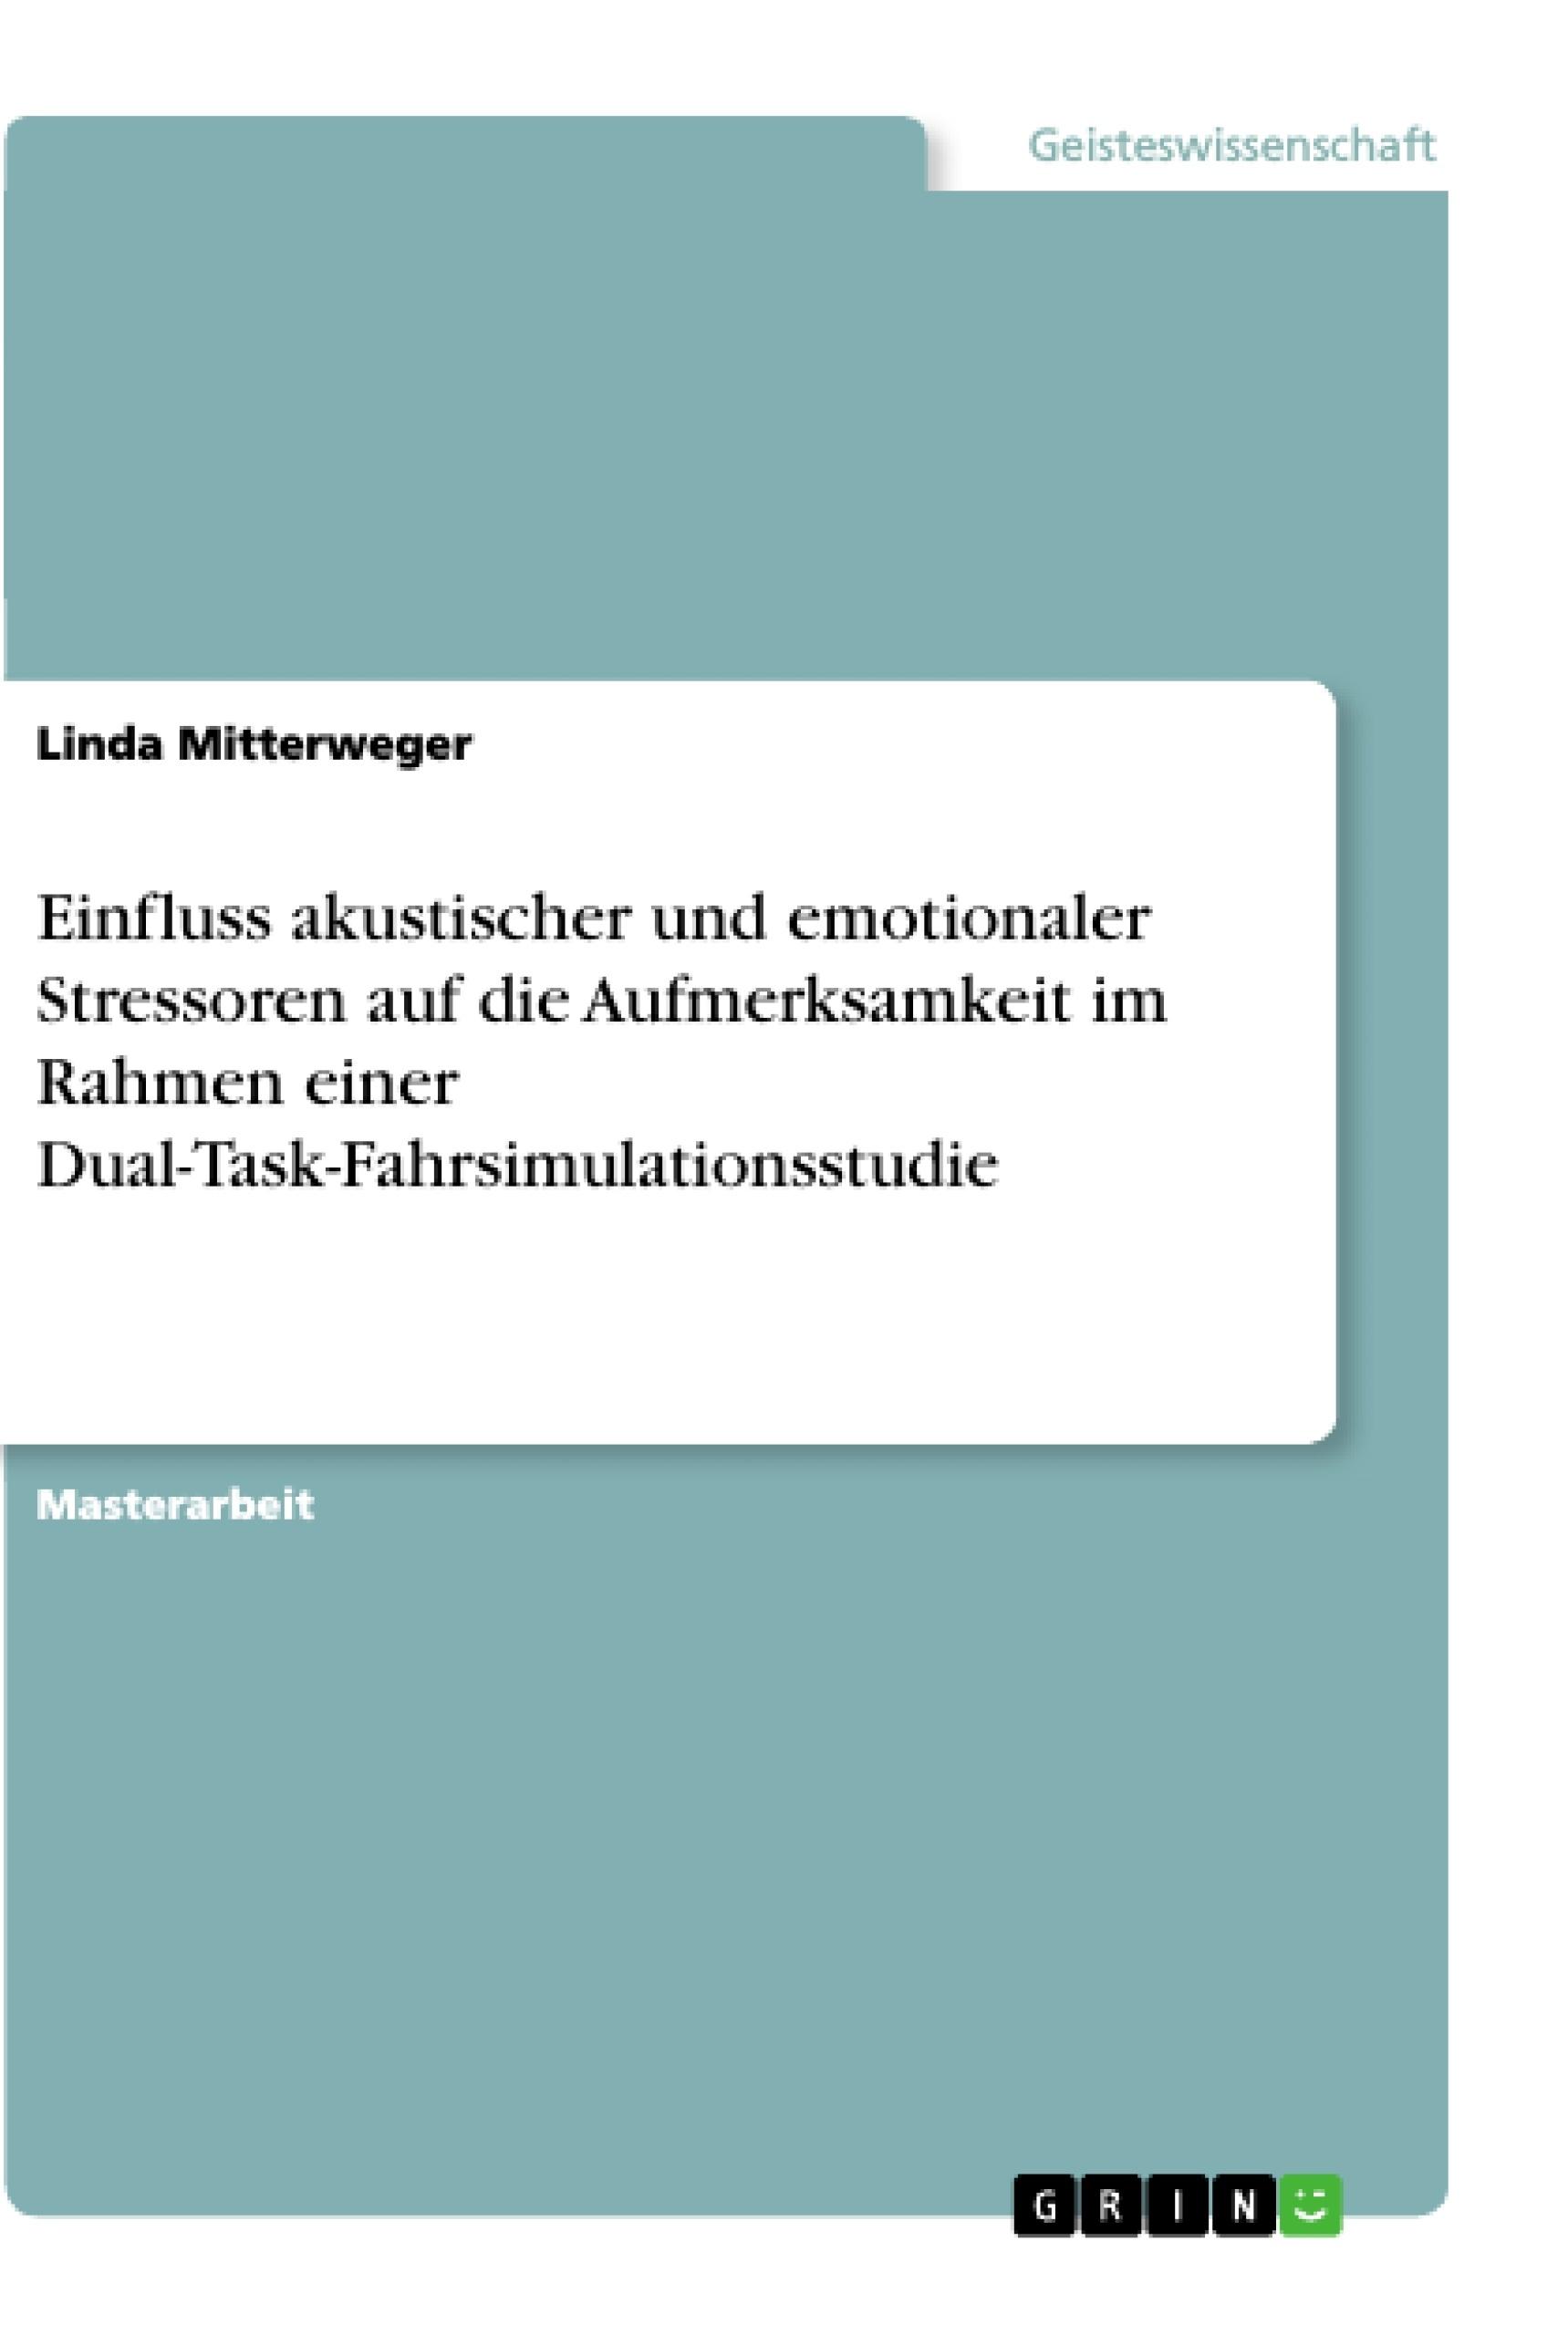 Titel: Einfluss akustischer und emotionaler Stressoren auf die Aufmerksamkeit im Rahmen einer Dual-Task-Fahrsimulationsstudie